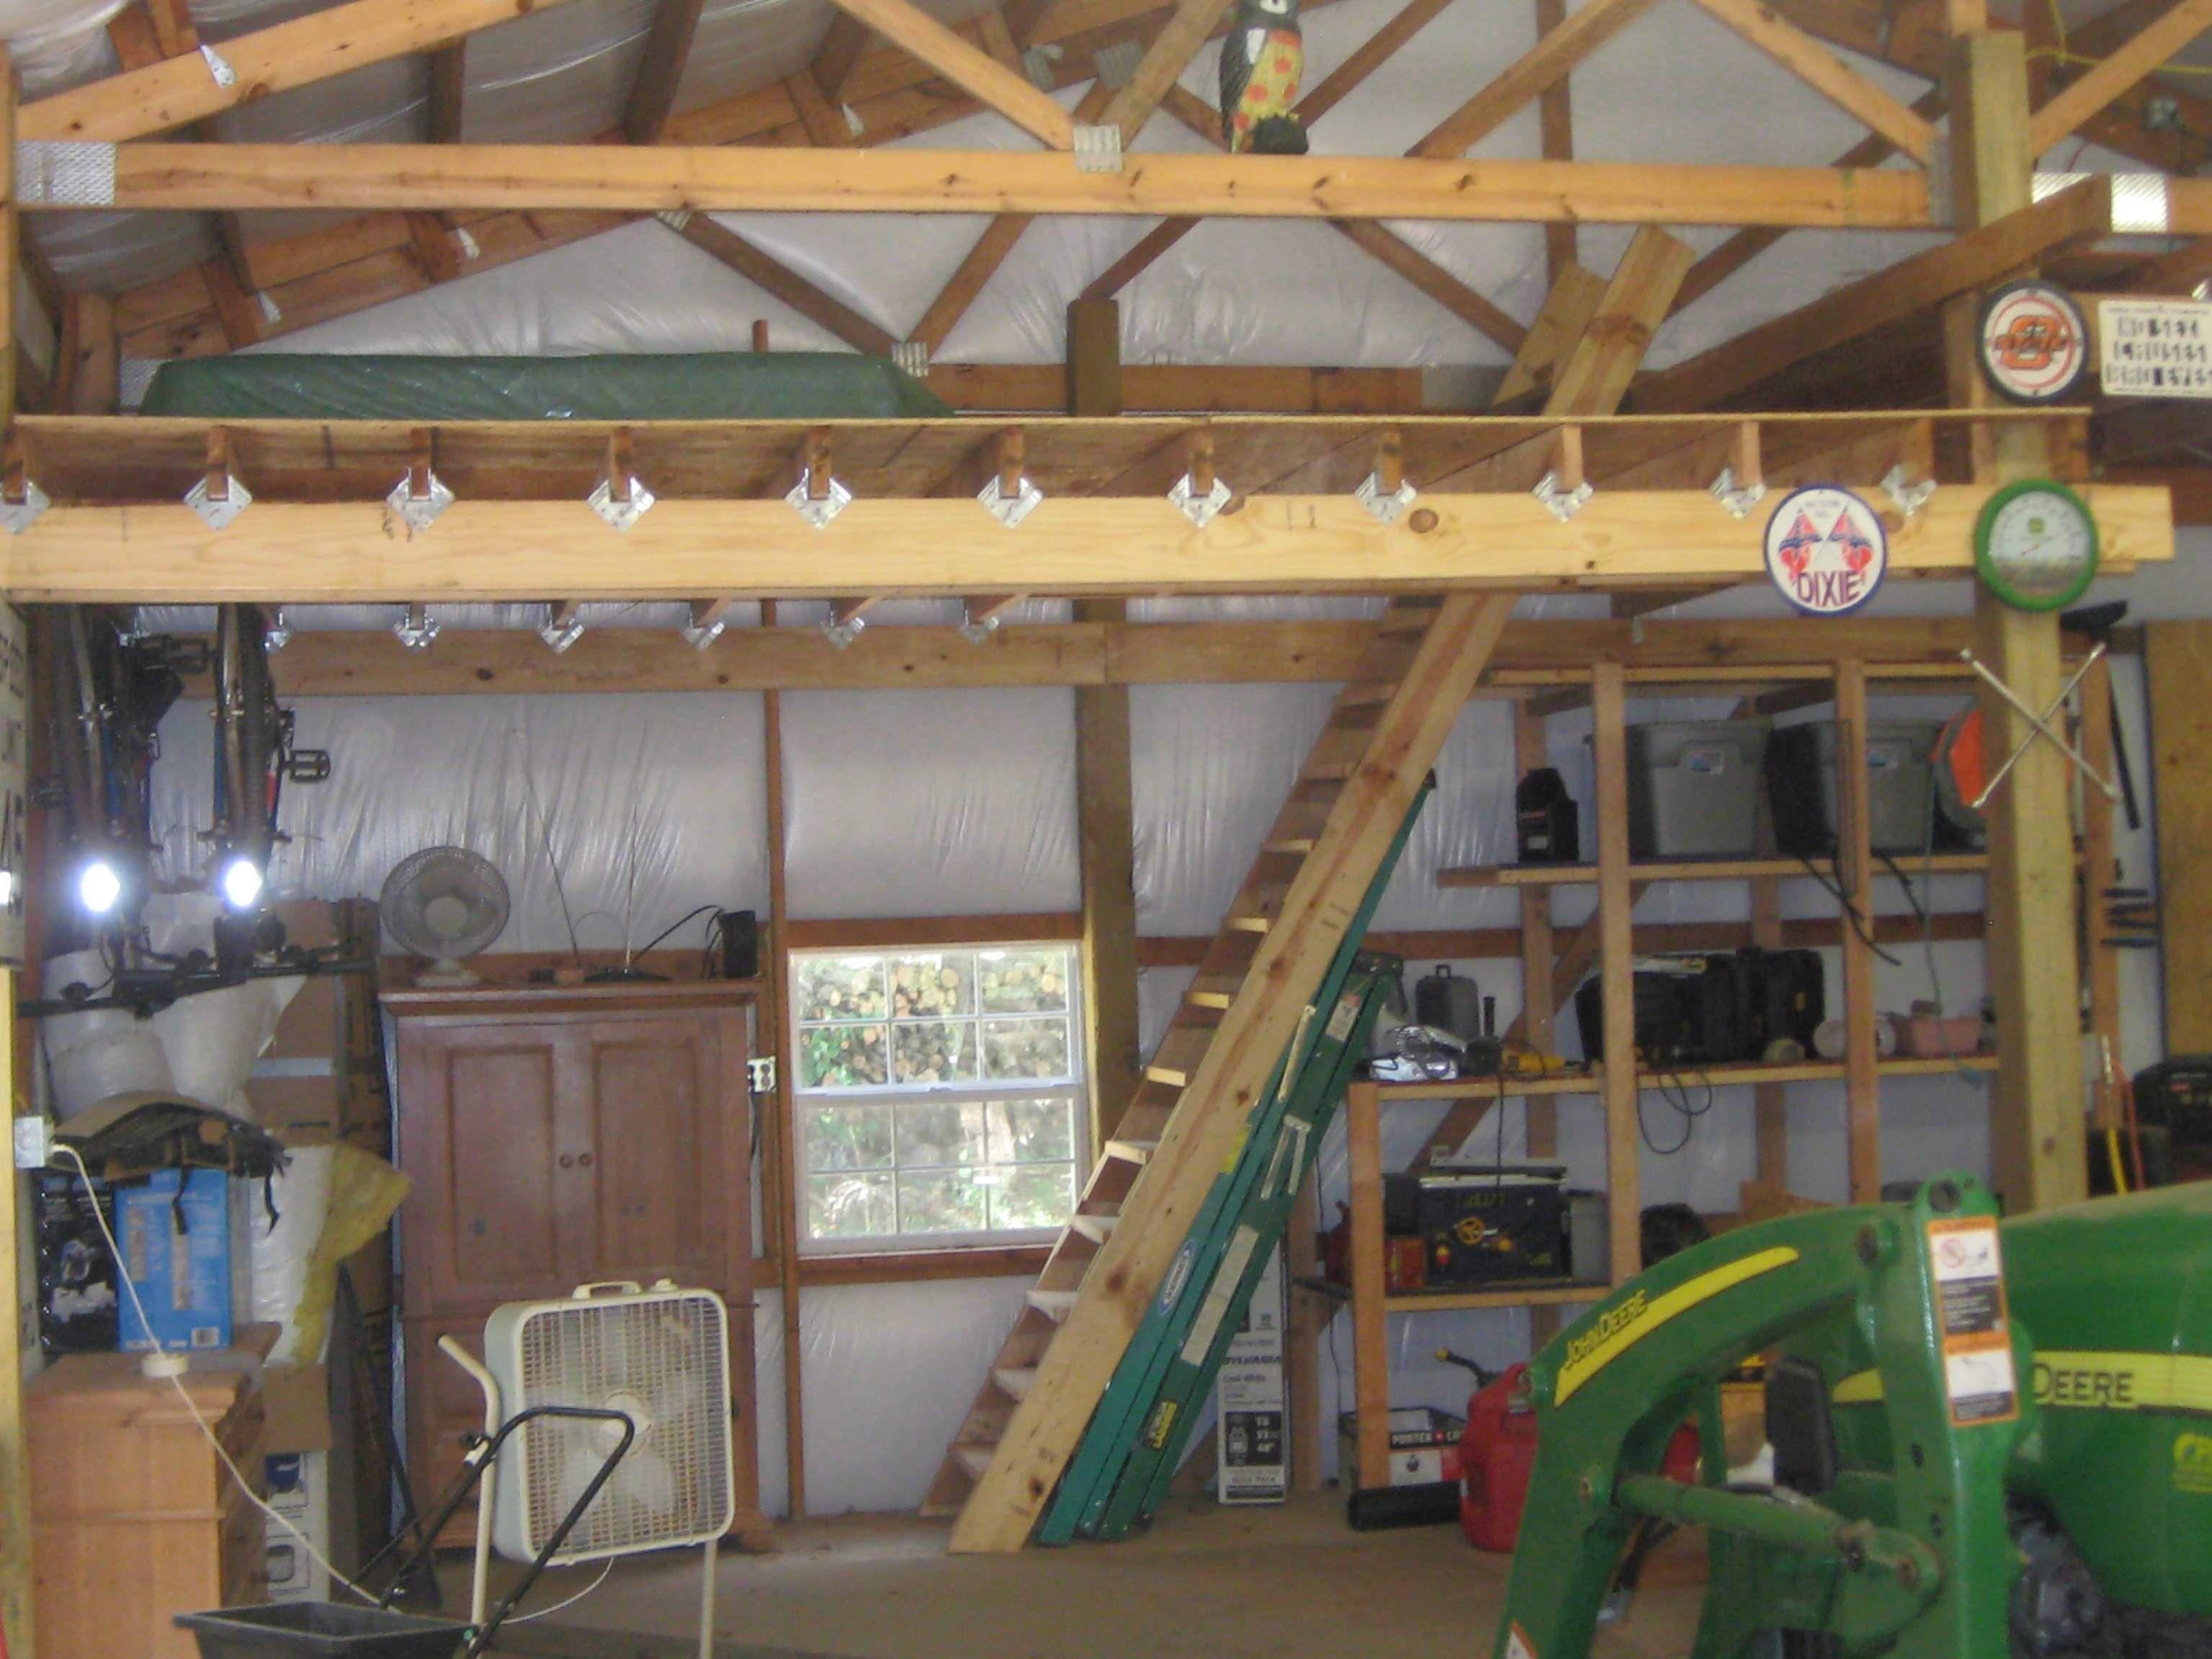 Pin By Dyana Ellis On Warehouse Pole Barn Barn Loft Pole Barn